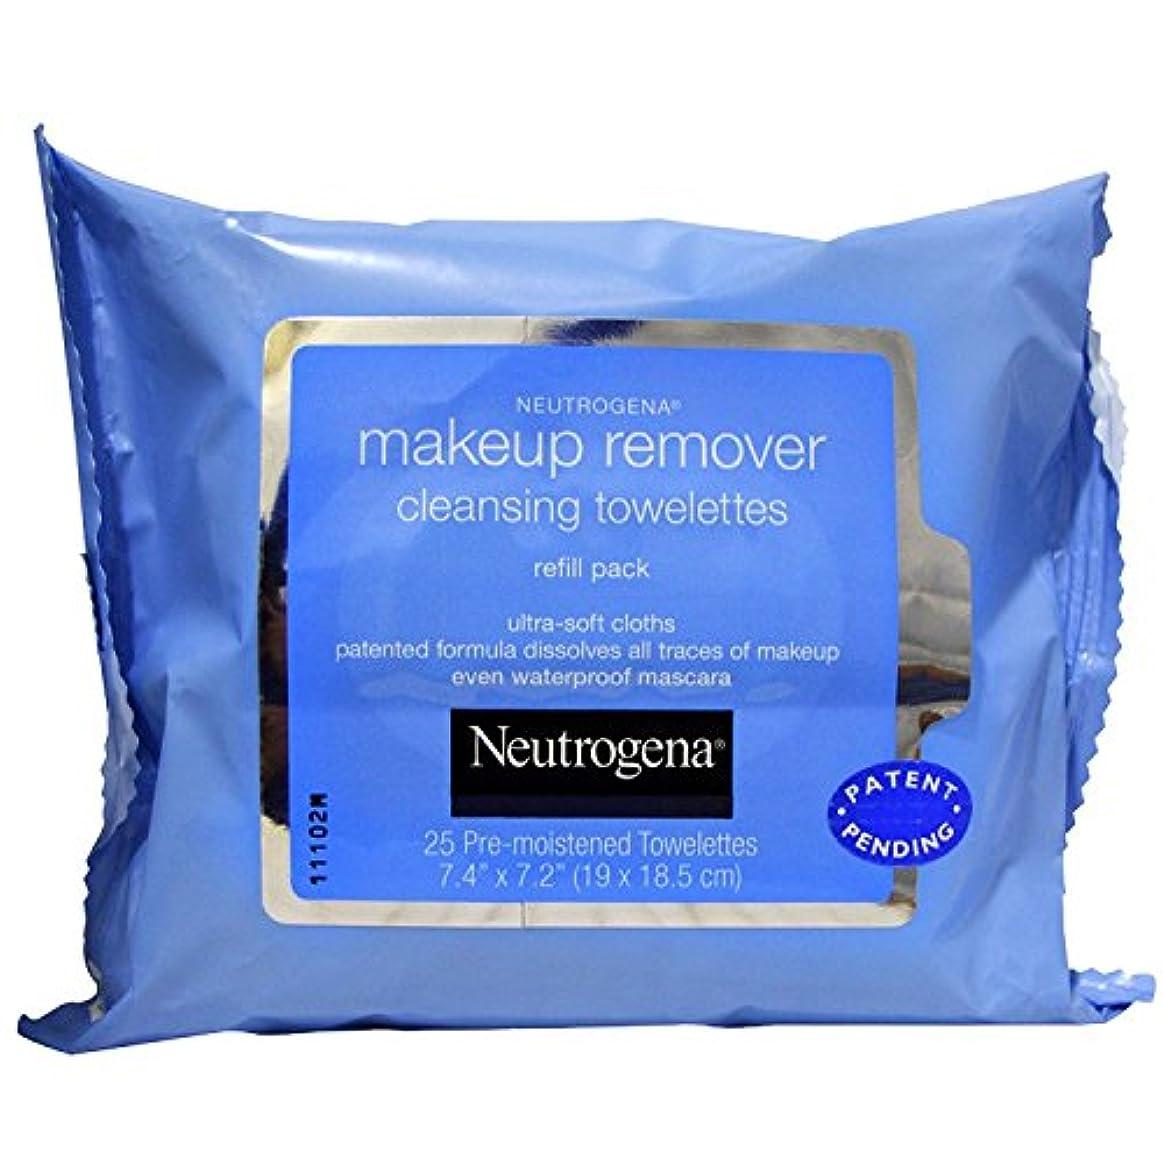 アドバンテージフレームワークギャンブルNEUTROGENA Makeup Remover Cleansing Towelettes Refill Pack - 25 Count - 25 Towelettes